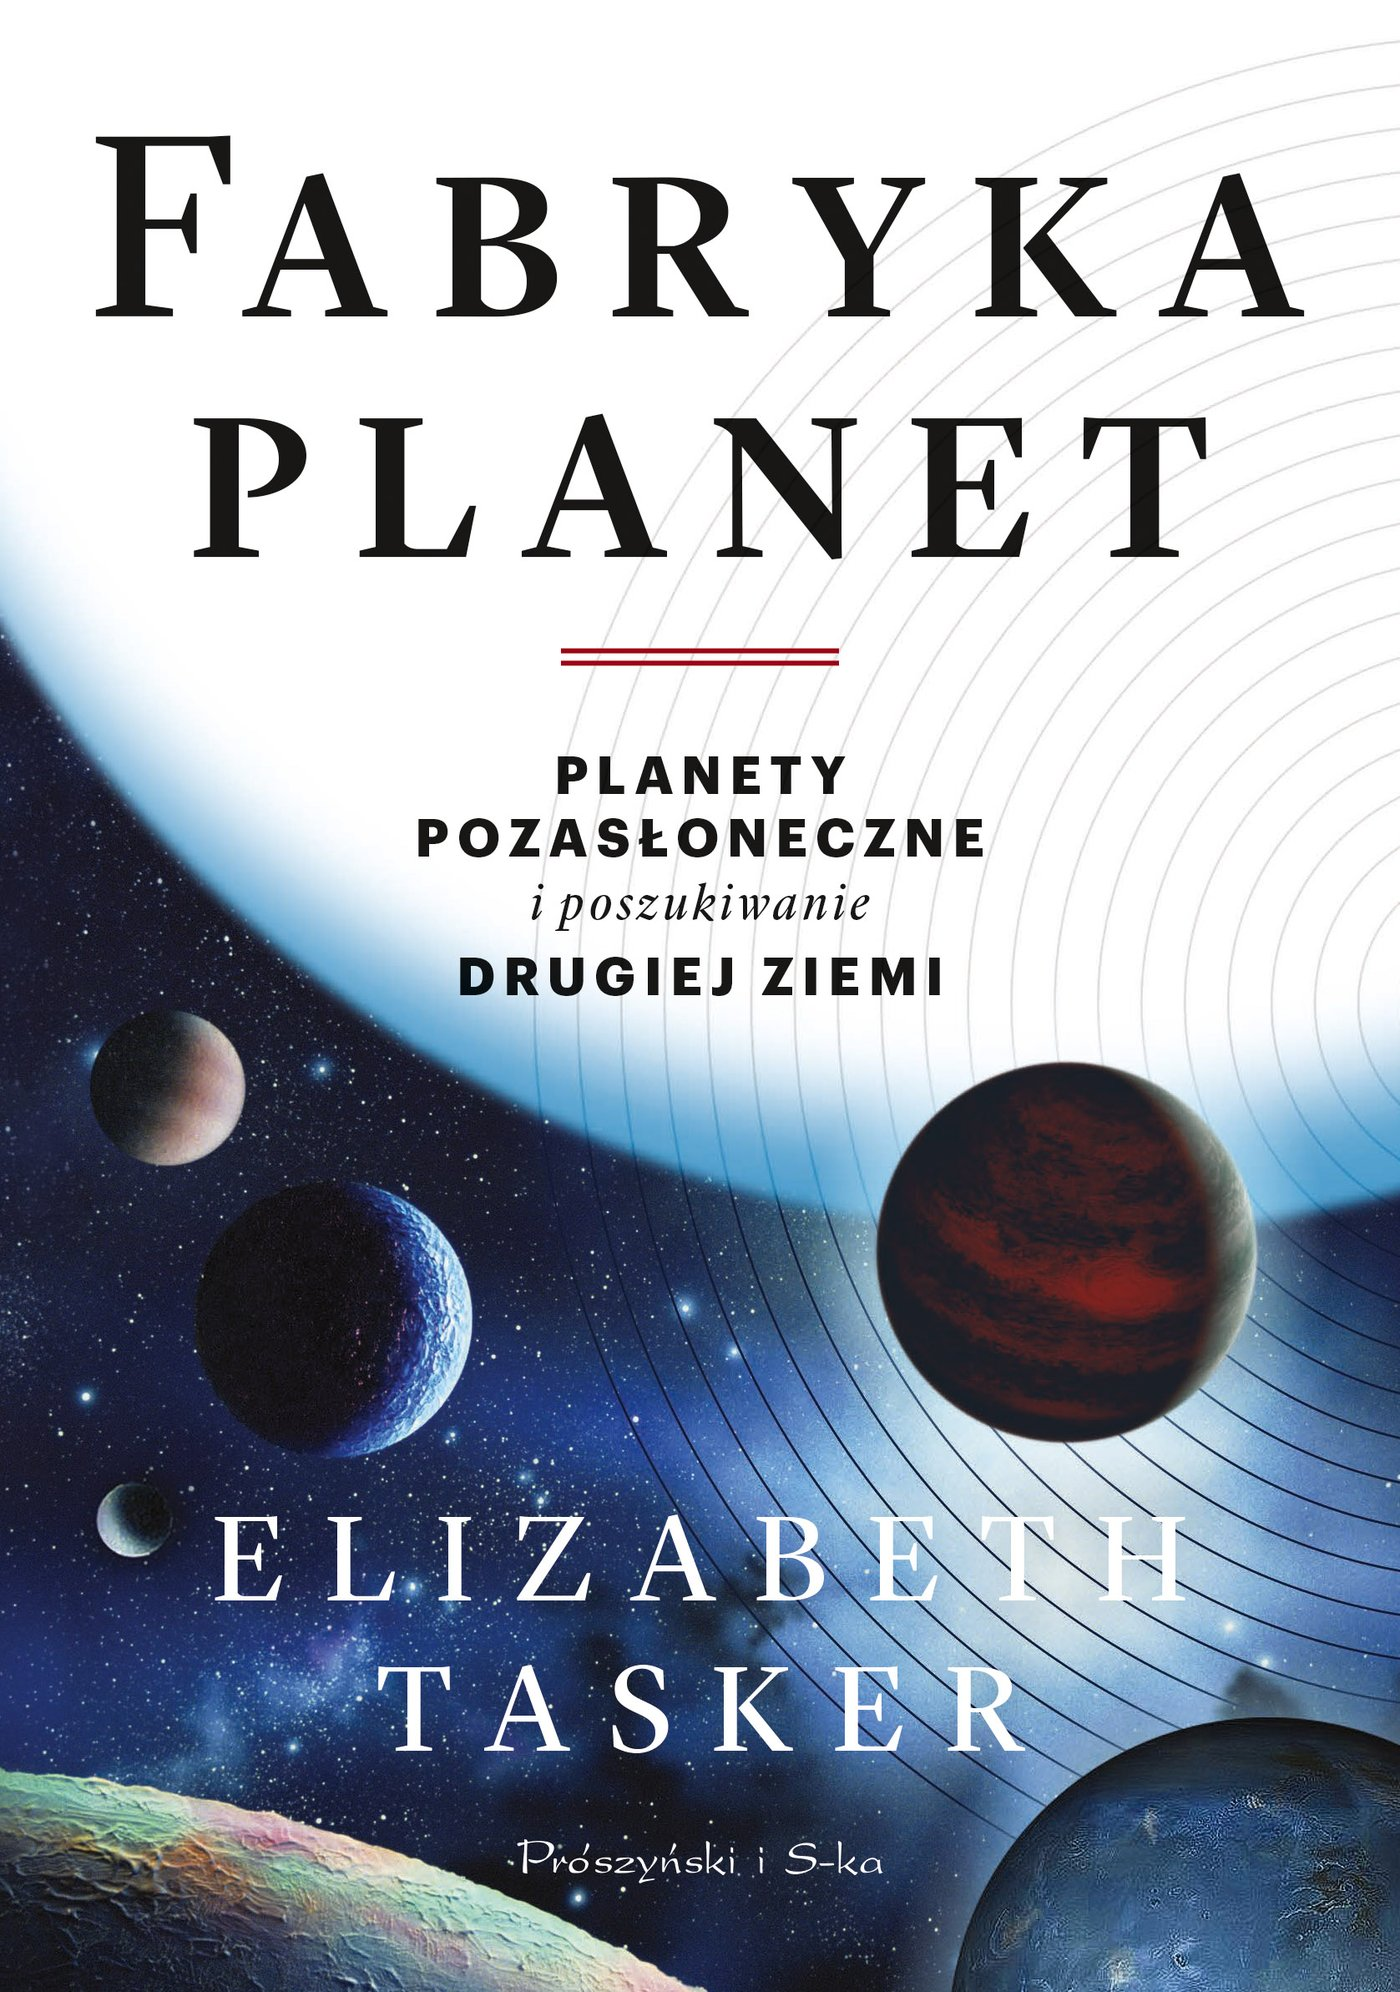 Fabryka planet. Planety pozasłoneczne i poszukiwanie drugiej Ziemi - Ebook (Książka EPUB) do pobrania w formacie EPUB